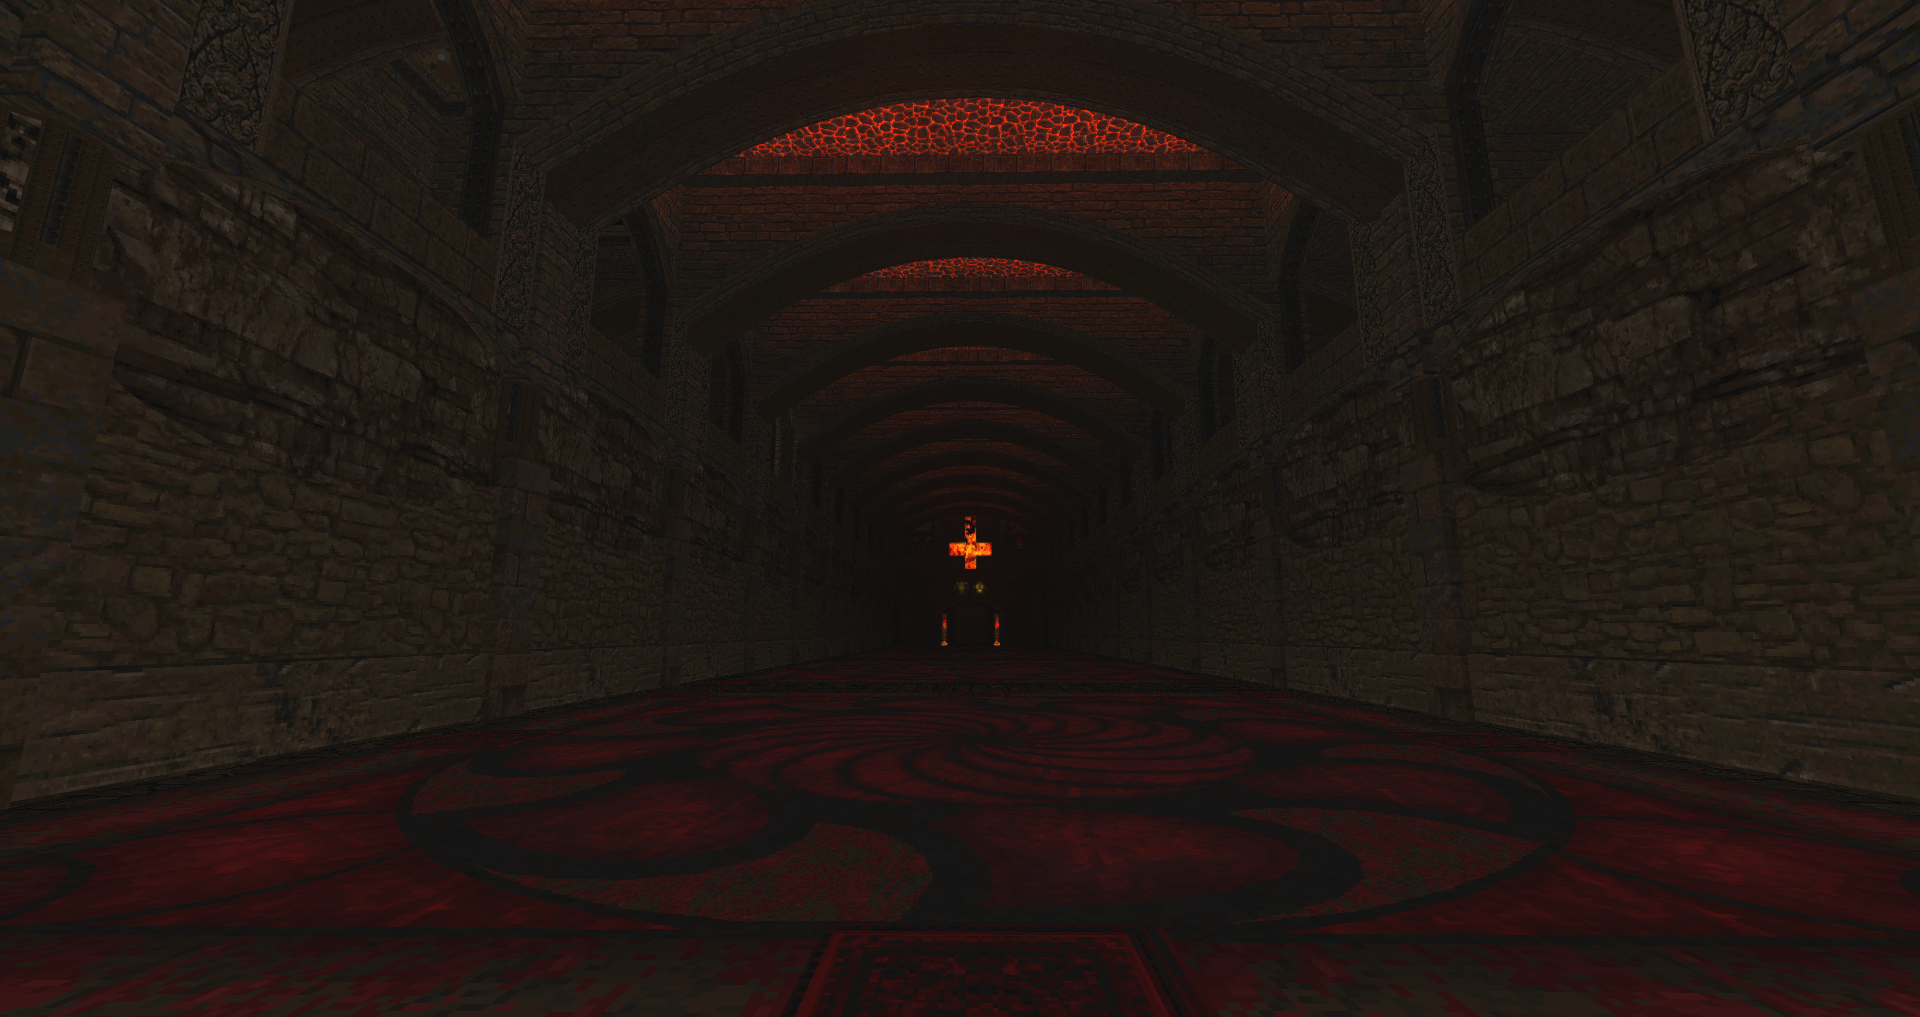 Screenshot_Doom_20200728_101829.png.4f81e2854e526d9c9202d8e1e9475574.png